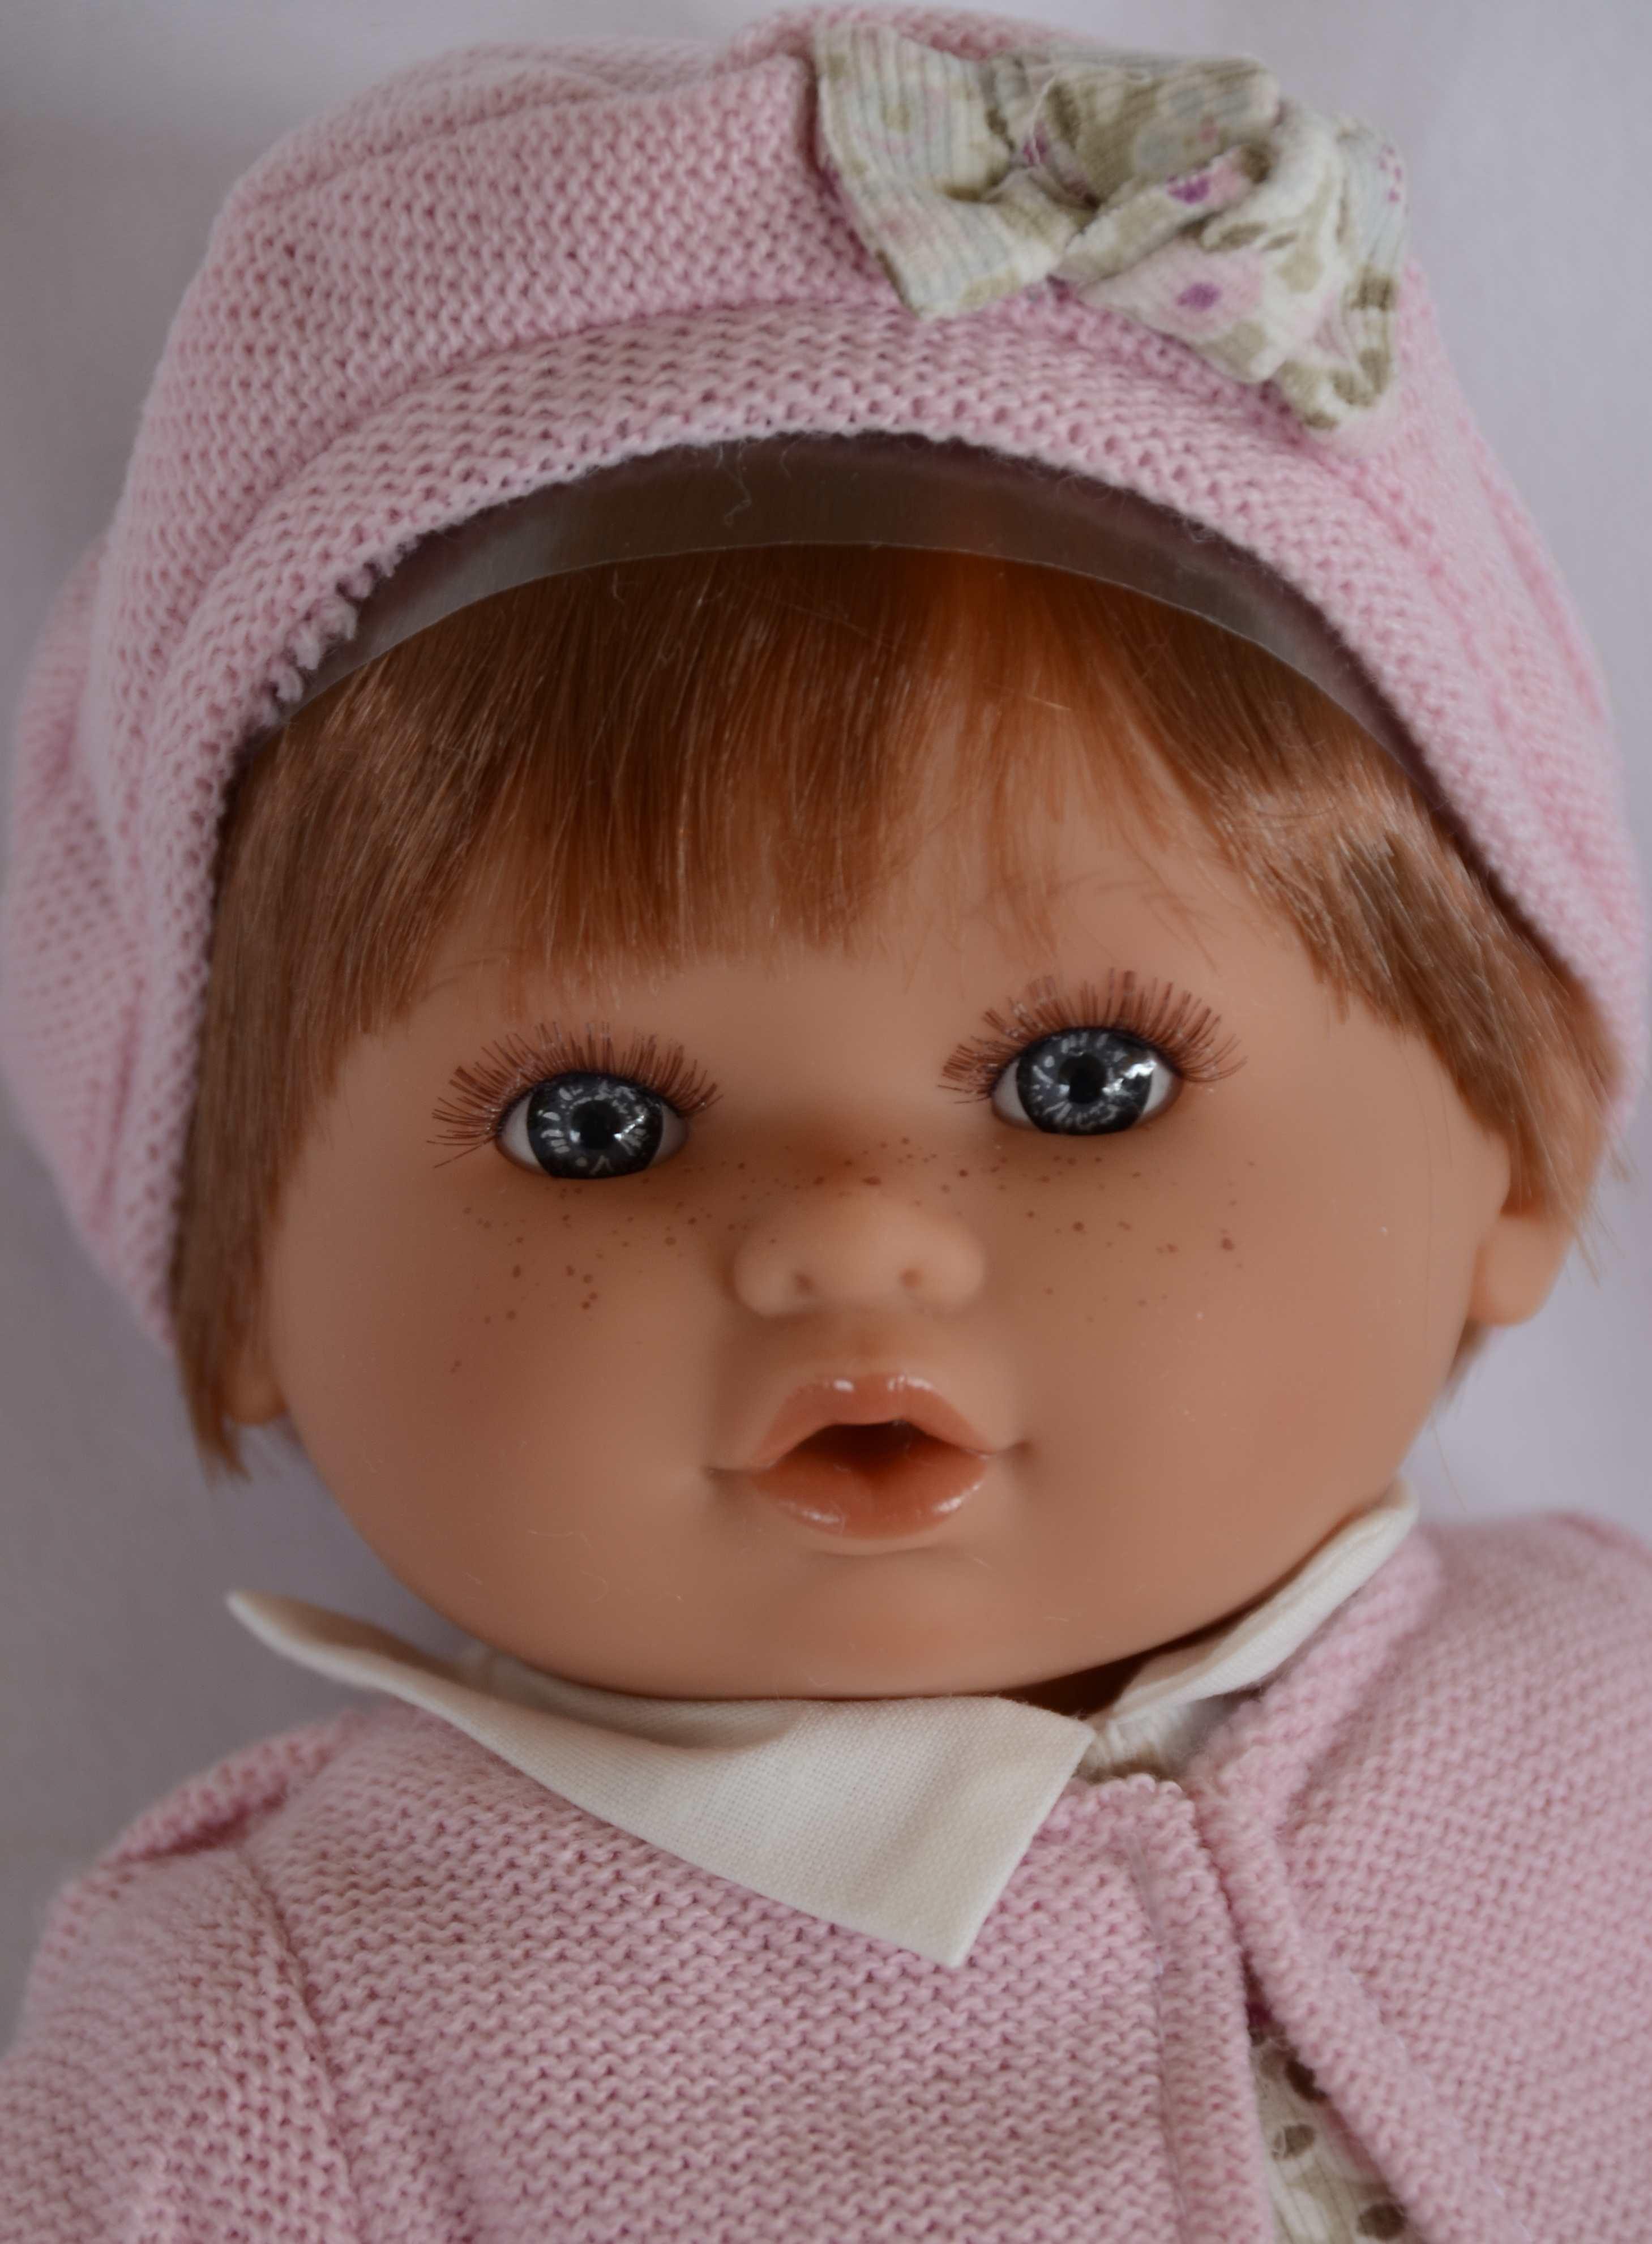 Realistická panenka - holčička Dato Gorrita - zrzavé vlasy od Antonio Juan